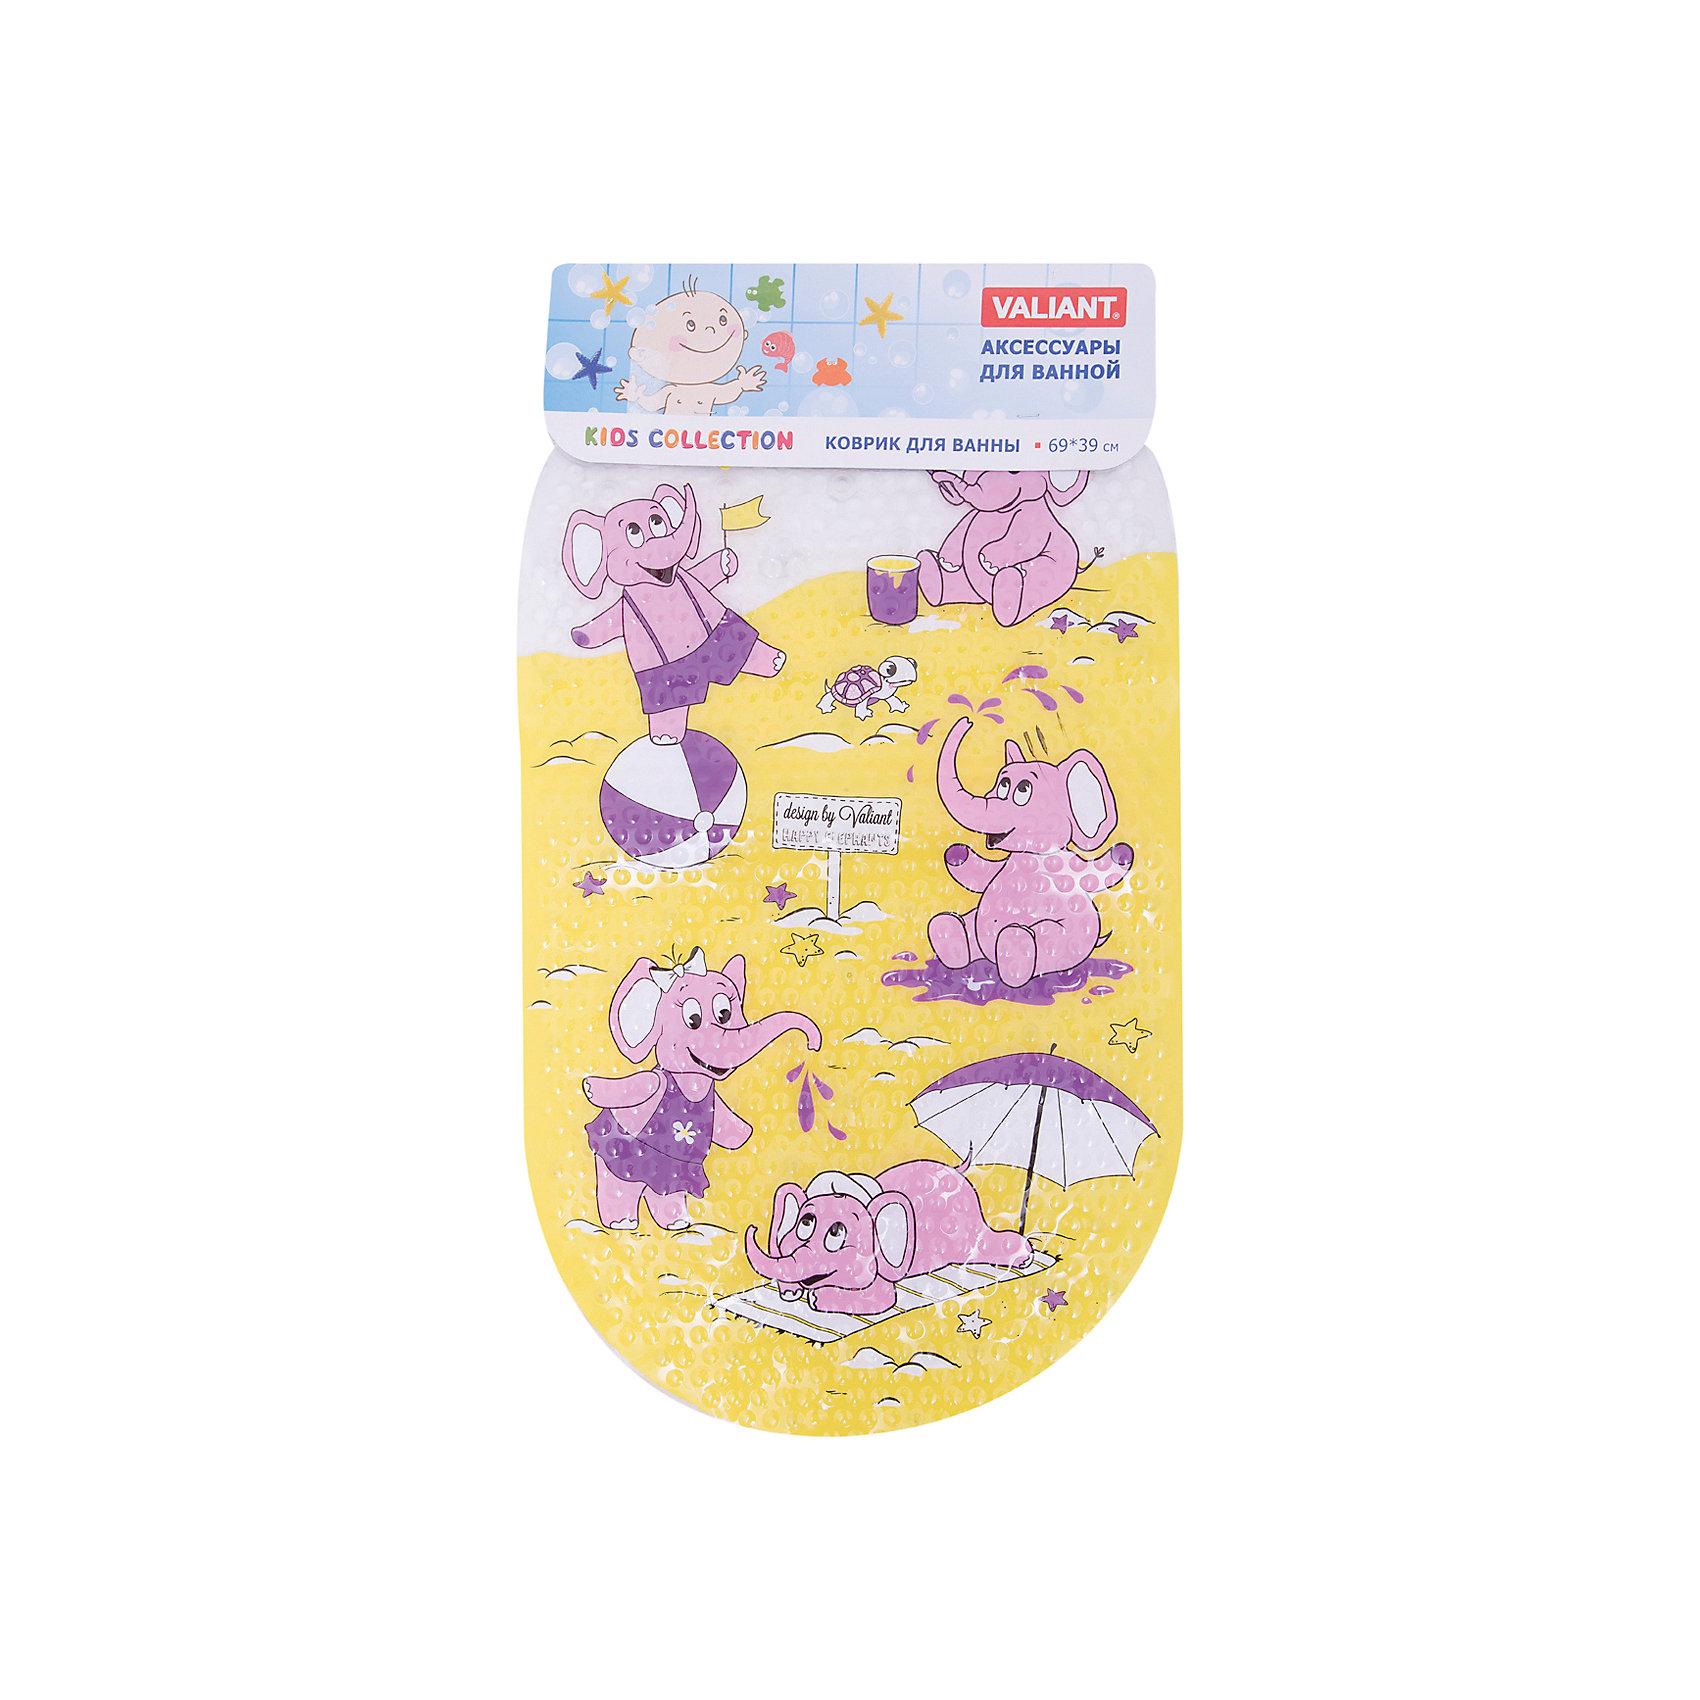 Коврик для ванны Слоники, 69*39смВанная комната<br>Коврик для ванны Слоники, 69*39см – безопасное купание для маленьких непосед.<br>Яркий дизайн порадует малыша, а специальное покрытие, не позволяющее упасть, сделает пребывание ребенка в ванной безопасным. Материал сделан с антибактериальным покрытием и не вреден даже для нежной кожи. Коврик отлично прилегает к поверхности ванны и крепится с помощью присосок, предотвращая скольжение, а рифленая поверхность обладает массажным эффектом. Вода не будет скапливаться сверху коврика благодаря перфорации на коврике. <br><br>Дополнительная информация:<br><br>- материал: антибактериальный поливинилхлорид<br>- размер: 69*39 см<br>- вес: 525 г<br><br>Коврик для ванны Слоники, 69*39см можно купить в нашем интернет магазине.<br><br>Ширина мм: 690<br>Глубина мм: 390<br>Высота мм: 10<br>Вес г: 181<br>Возраст от месяцев: 12<br>Возраст до месяцев: 144<br>Пол: Унисекс<br>Возраст: Детский<br>SKU: 4923426